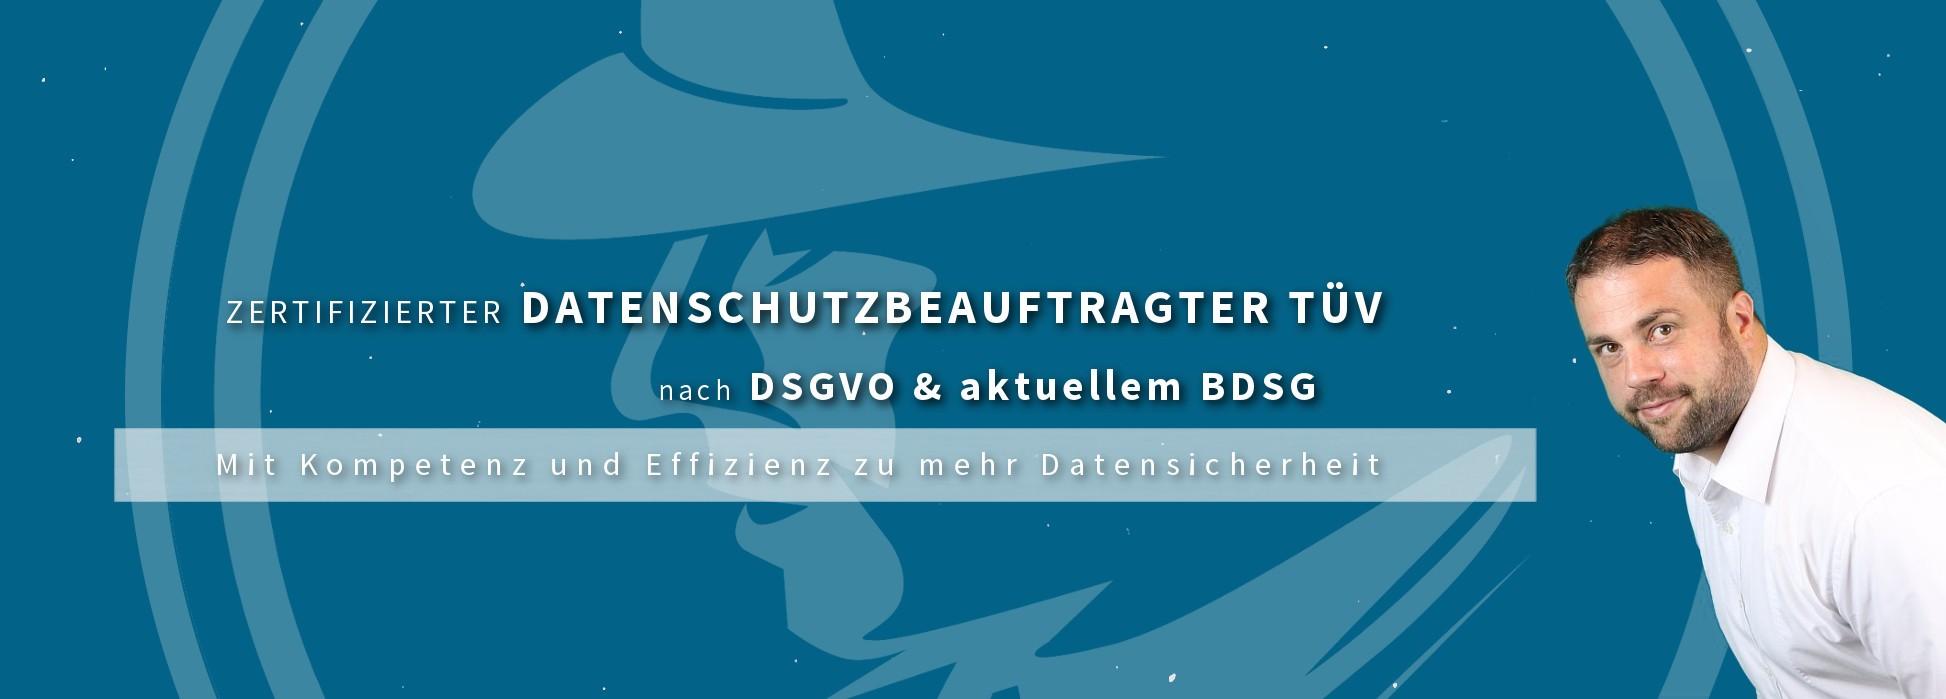 zertifizierter Datenschutzbeauftragter Berlin nach DSGVO und neuem BDSG